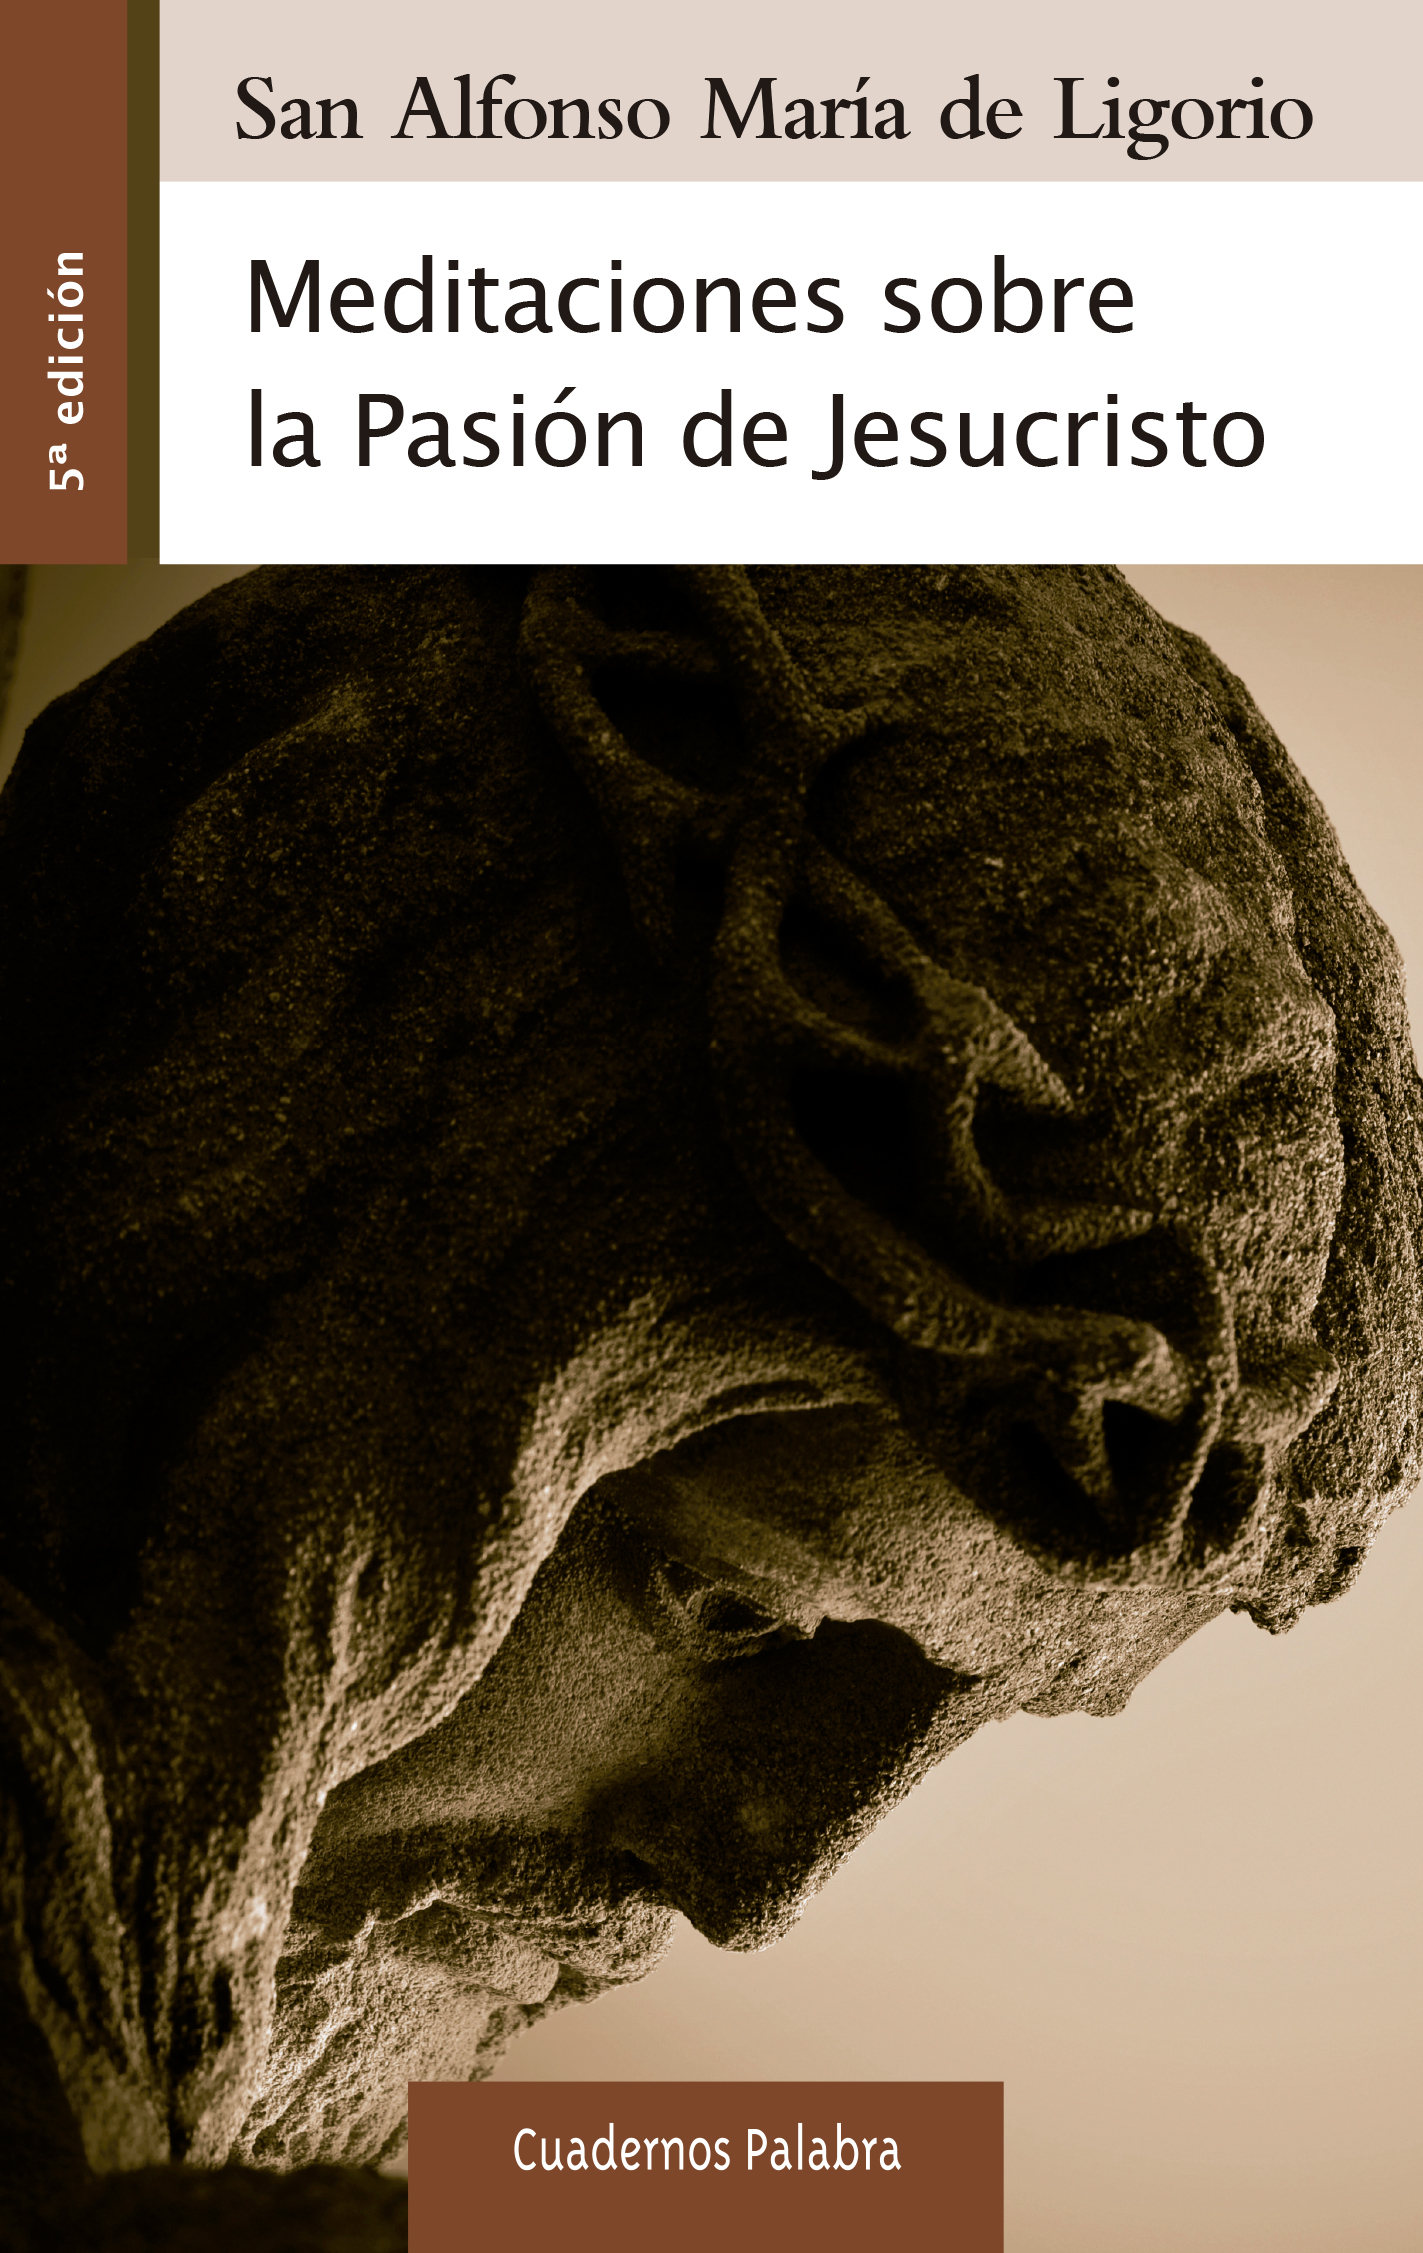 Resultado de imagen de Meditaciones sobre la Pasión de Jesucristo alfonso ligorio